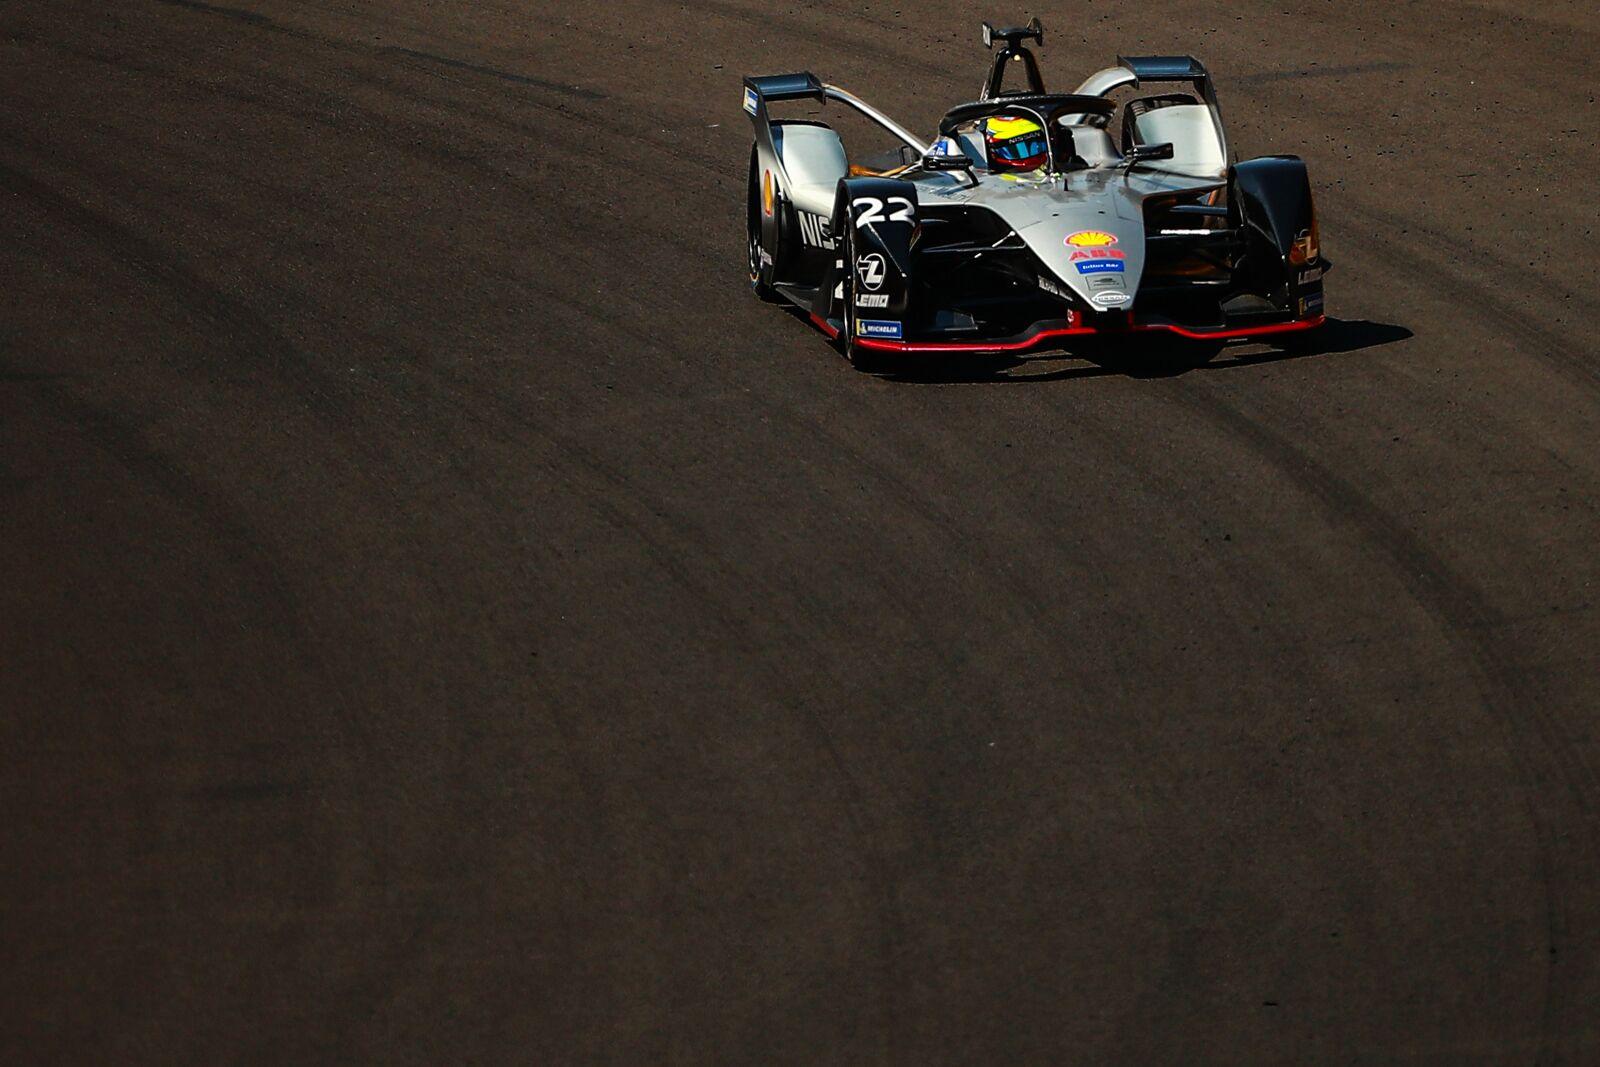 Formula E: Oliver Rowland promoted to 2019 Paris ePrix pole